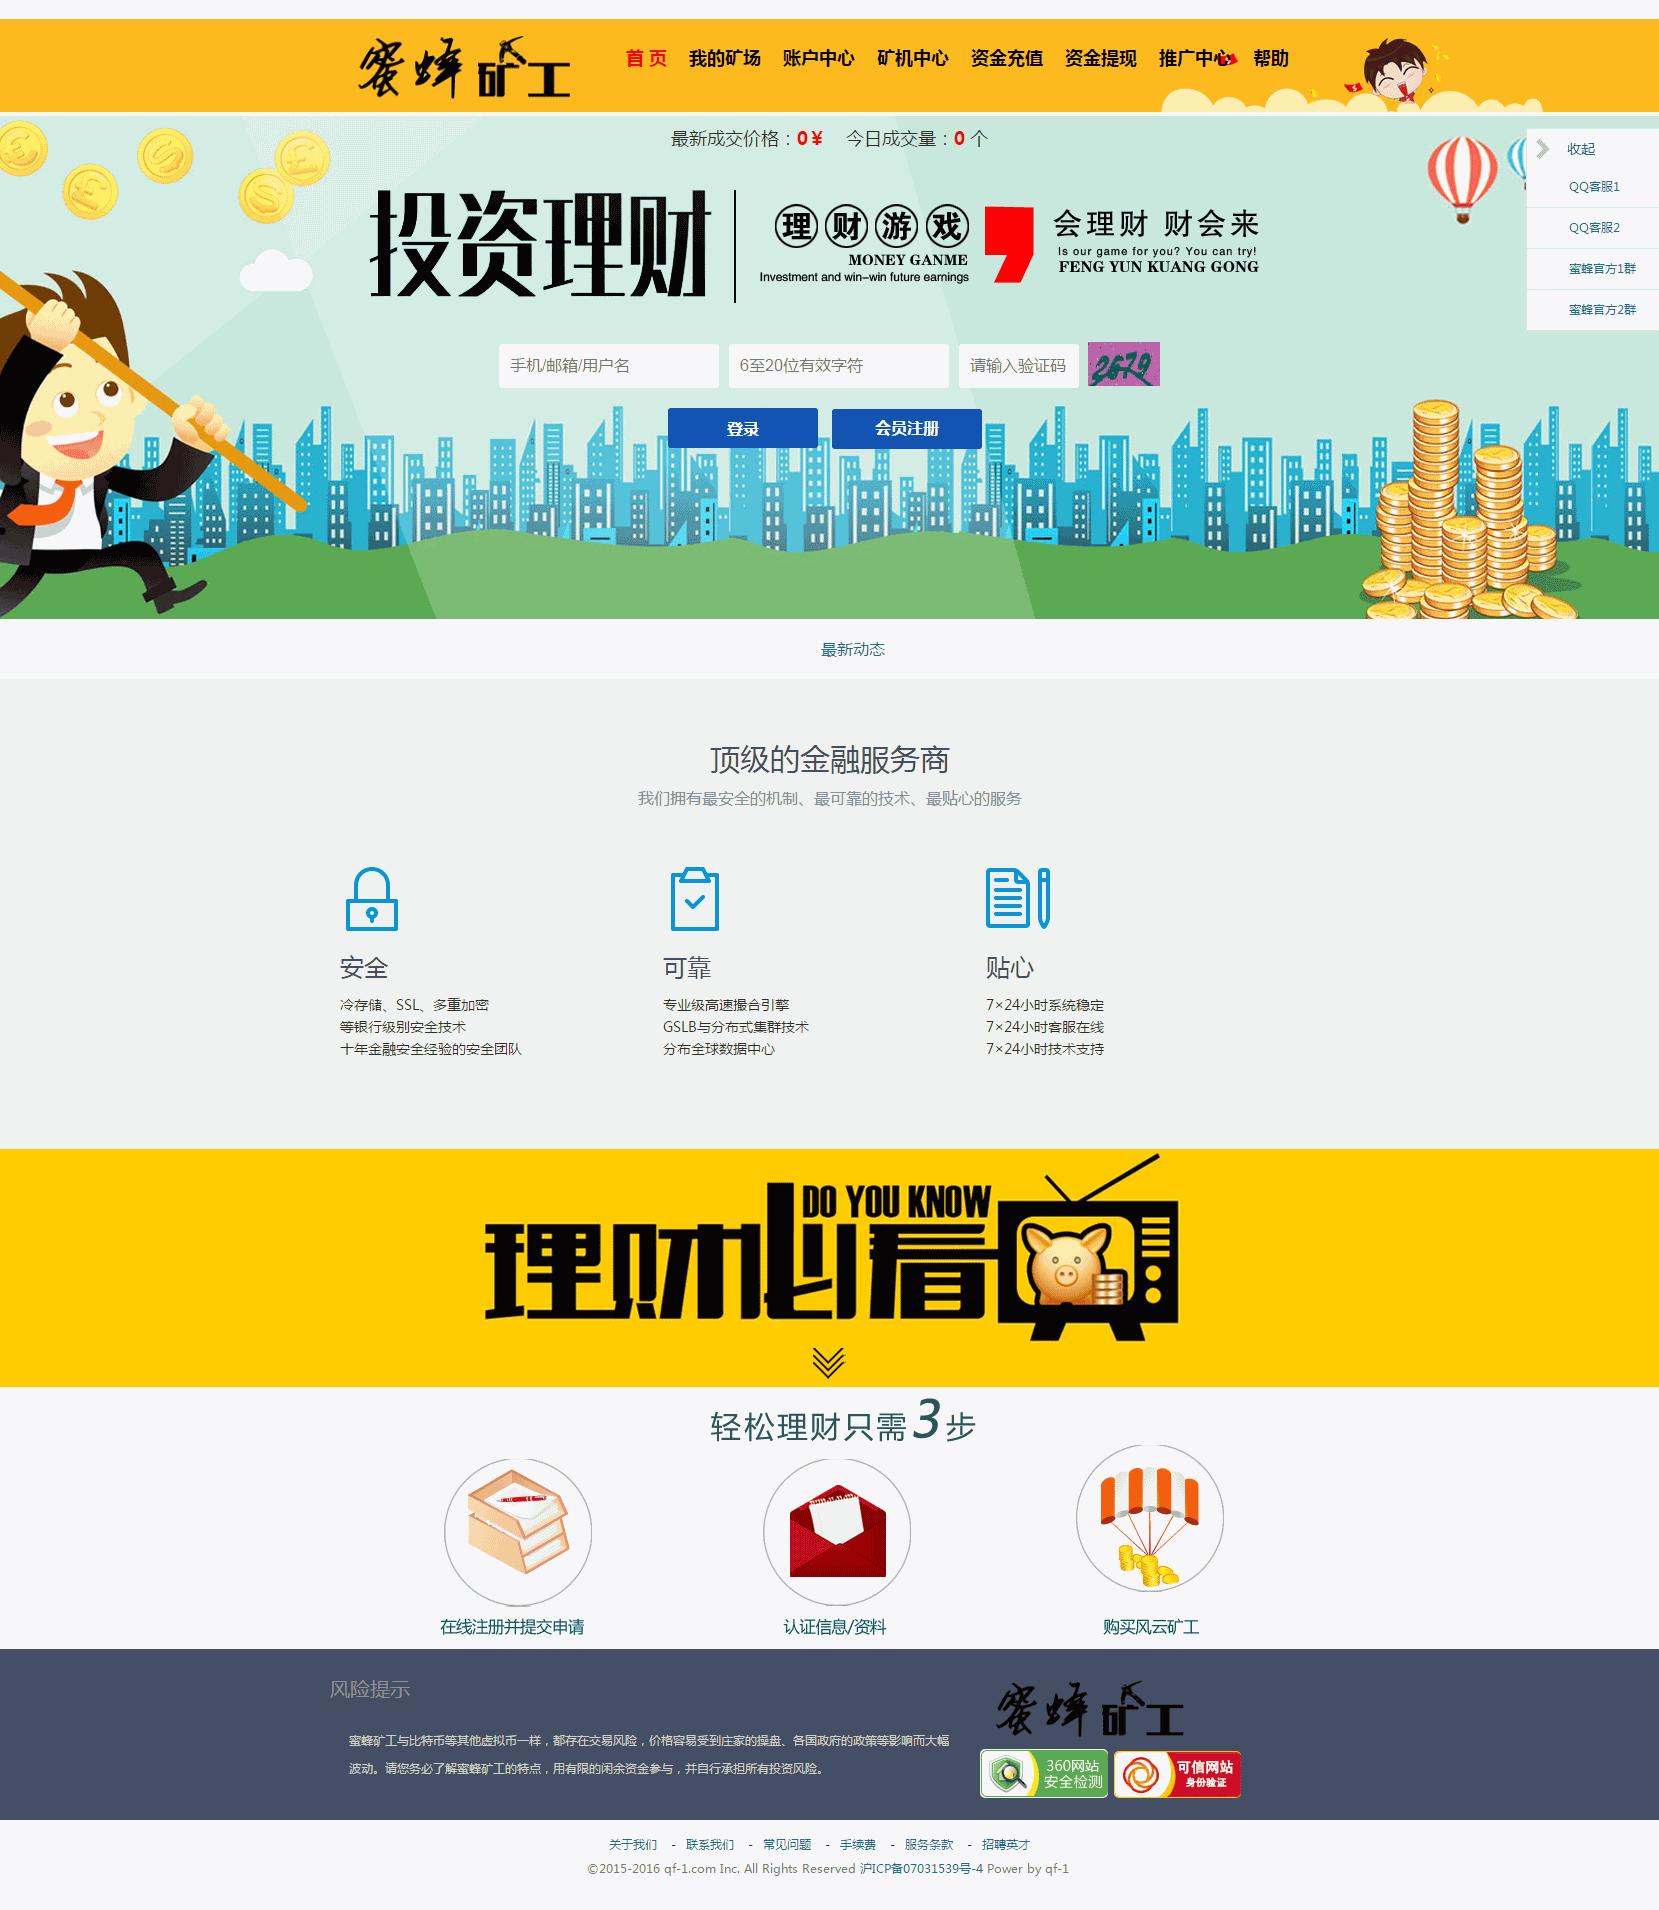 【独家修复】2018年最新PHP虚拟货币挖矿蜜蜂矿工挖矿源码投资理财 完整优化版